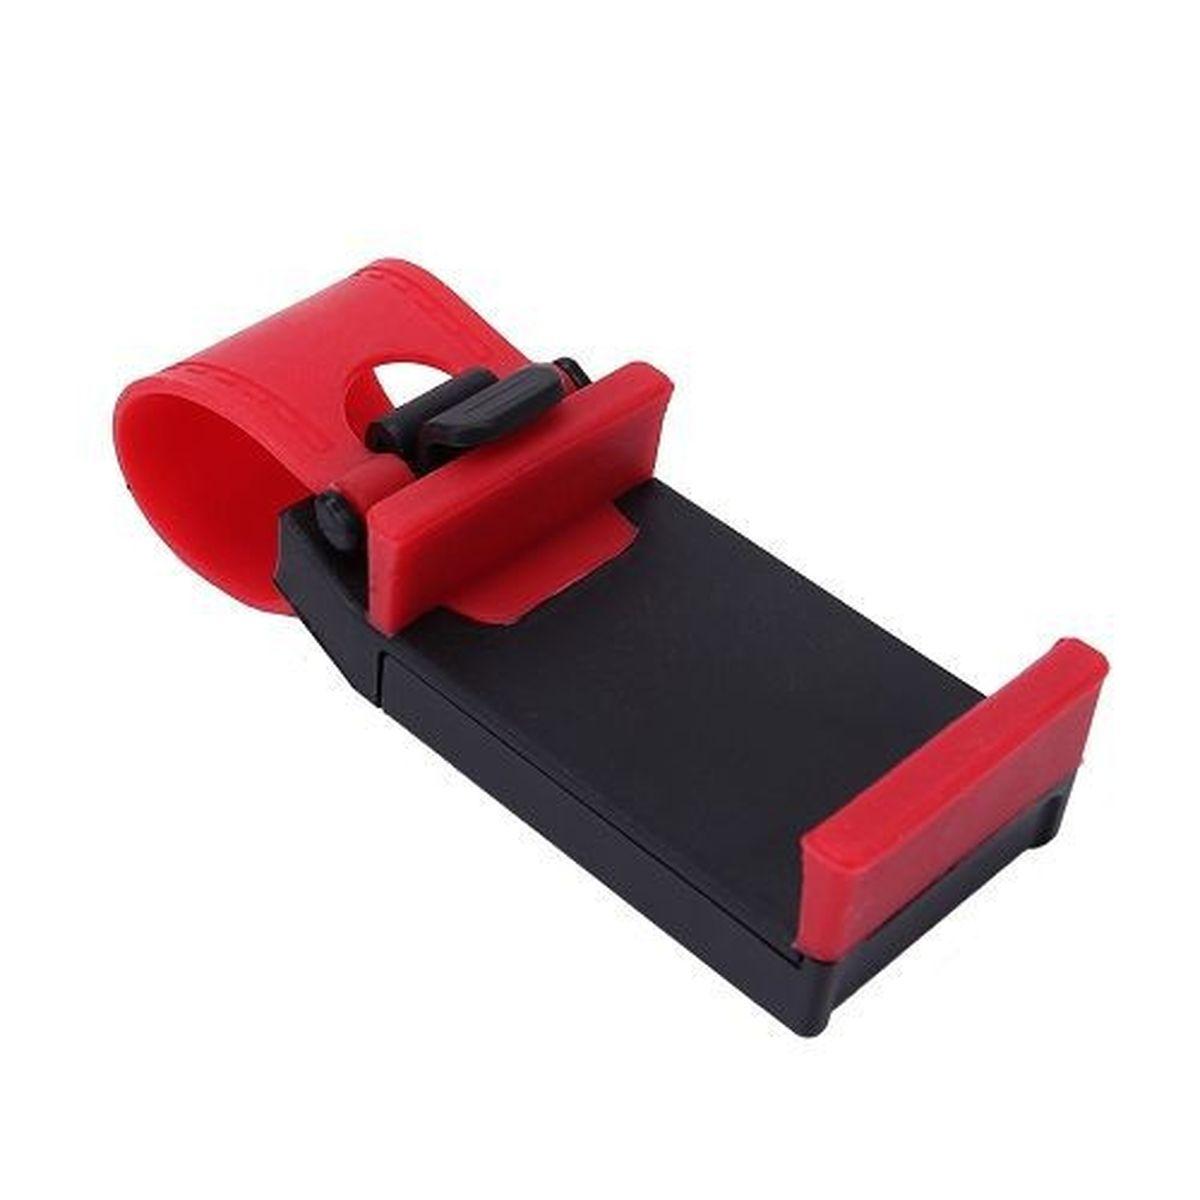 Держатель автомобильный Оранжевый слоник, для телефона, цвет: красныйACL0002RДержатель устанавливается на автомобильный руль при помощи ремня,выполненного из термопластичной резины. Держатель изготовлен извысококачественного ABS пластика. Ударопрочная противоскользящаяконструкция гарантирует удобство пользования и сохранность вашегоустройства. Максимальное расширение зажима: 7,5 см.